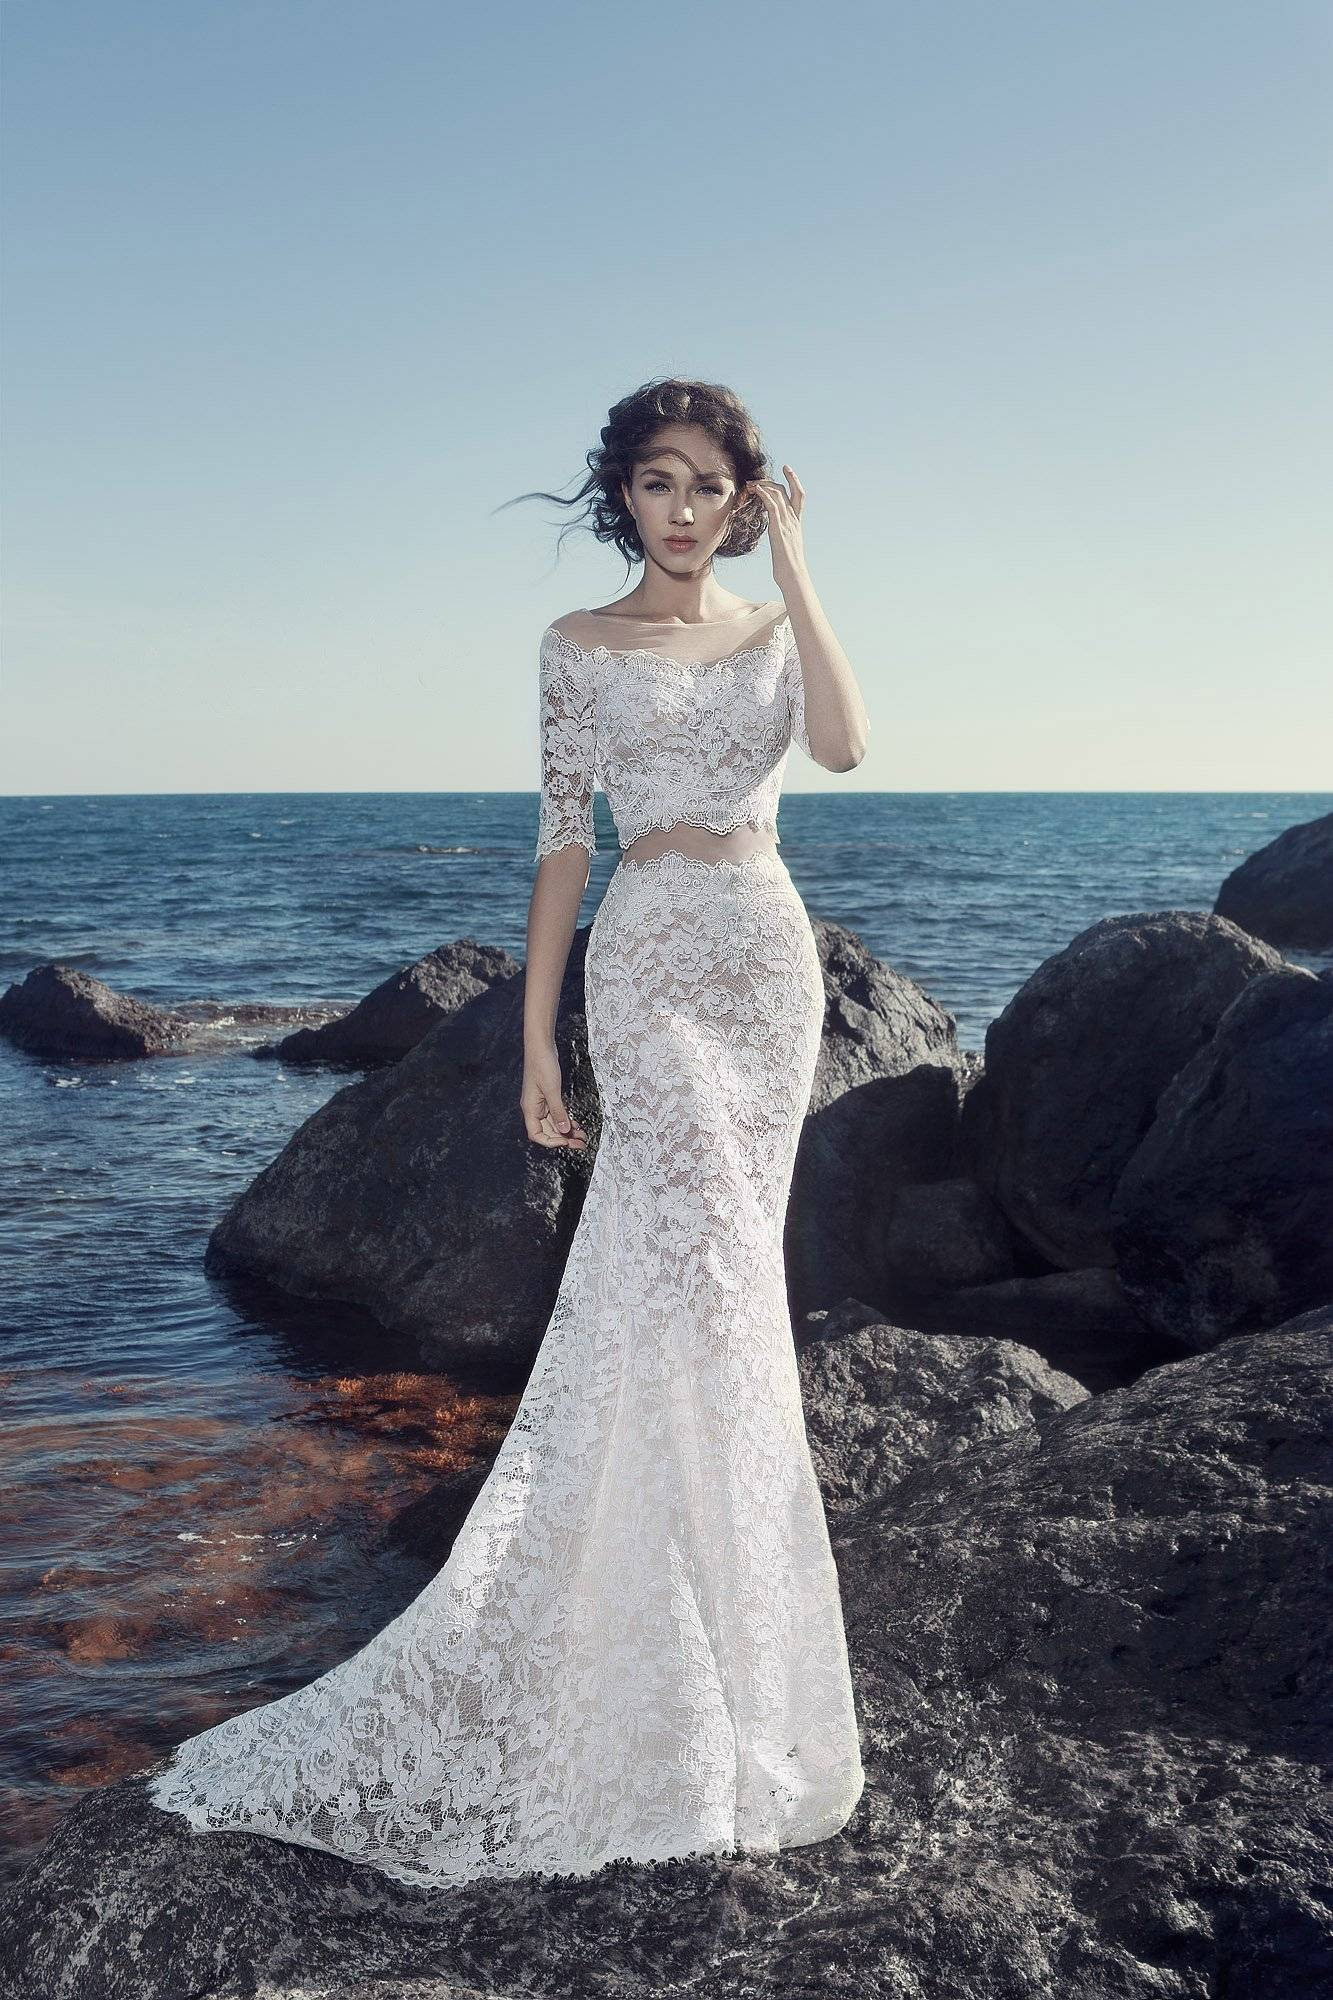 70 шикарных вечерних платьев для полных женщин: модные фасоны и советы по выбору наряда